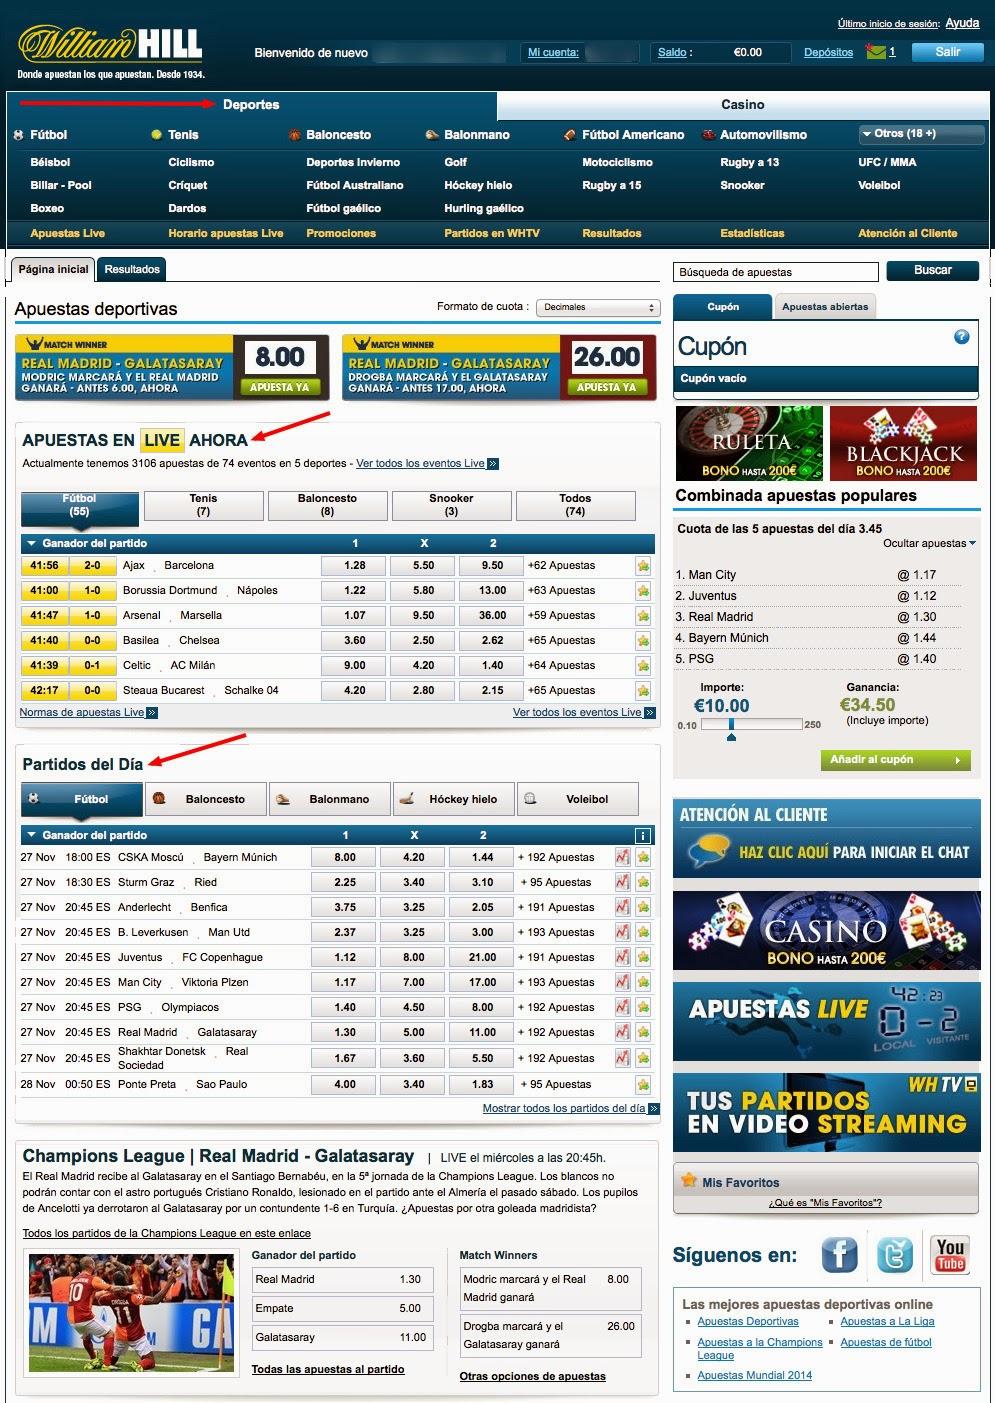 Casino MGA deportes williamhill es-950349